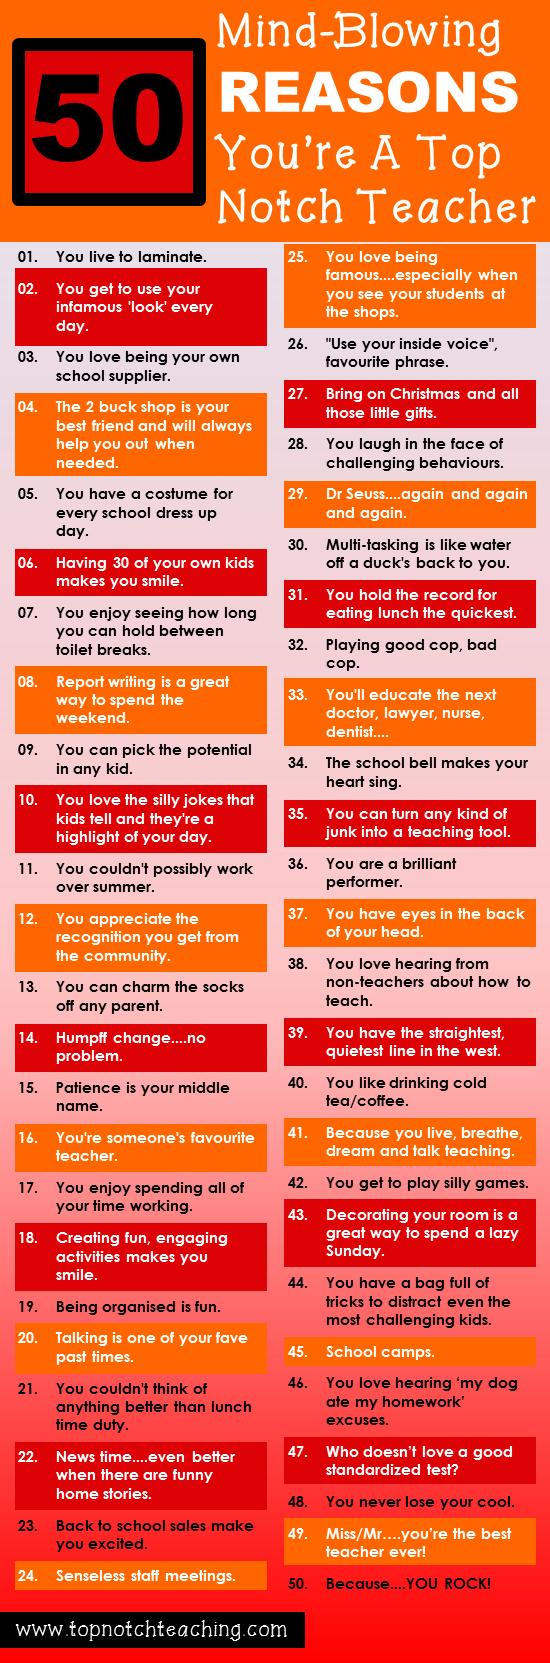 50 Mind-Blowing Reasons You're A Top Notch Teacher | topnotchteaching.com